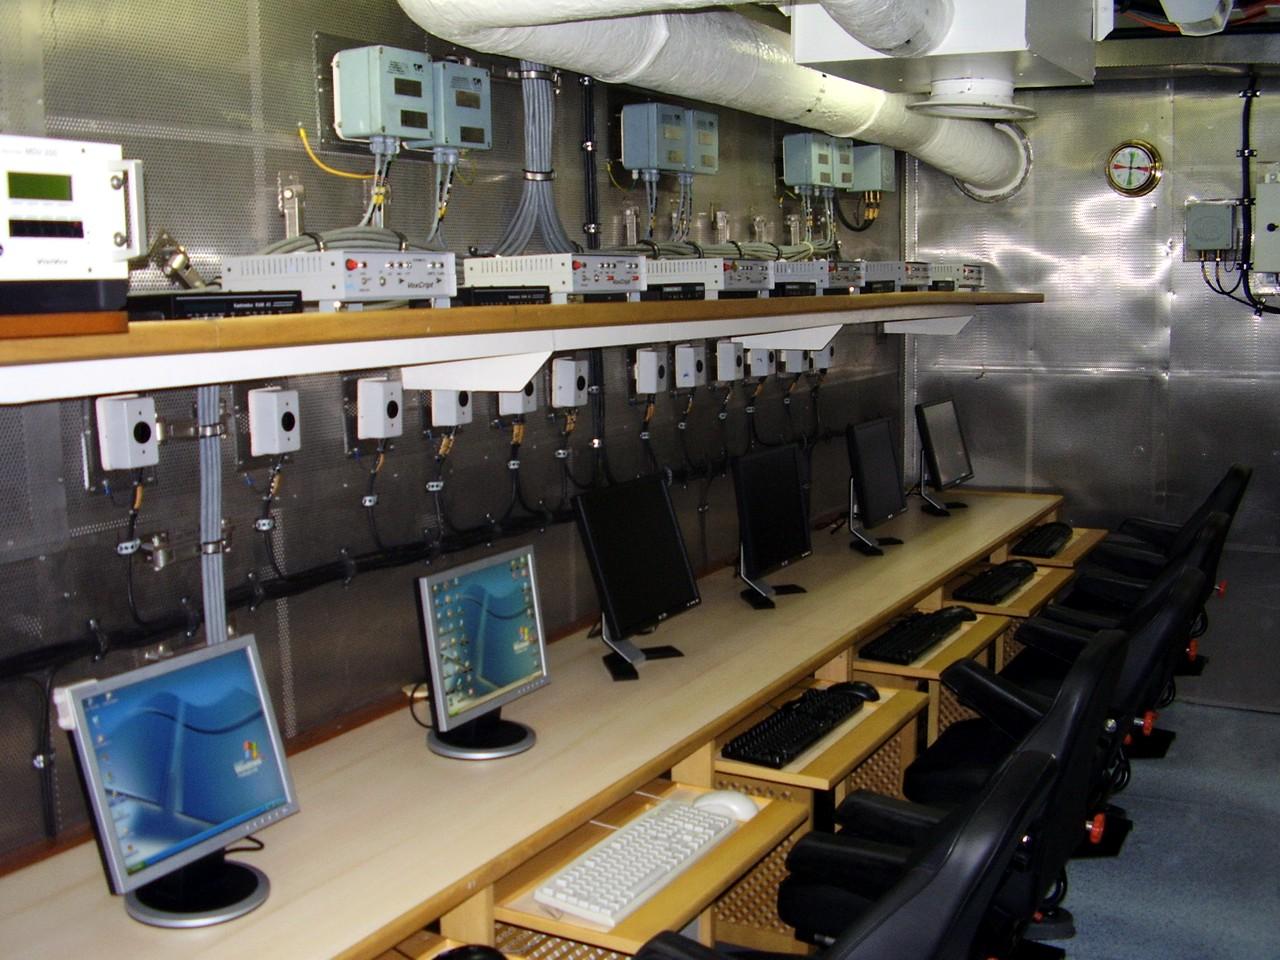 compartimento-de-comunicacoes.JPG